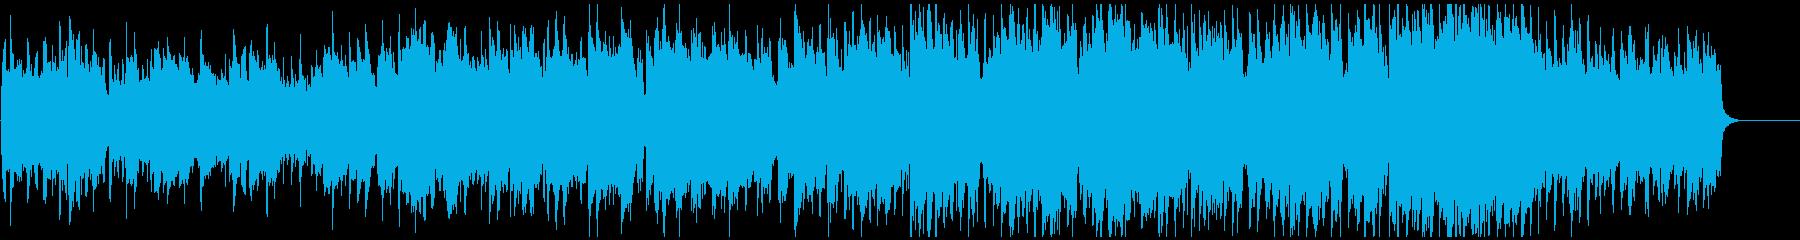 オープニング映像向け優雅なポップインストの再生済みの波形